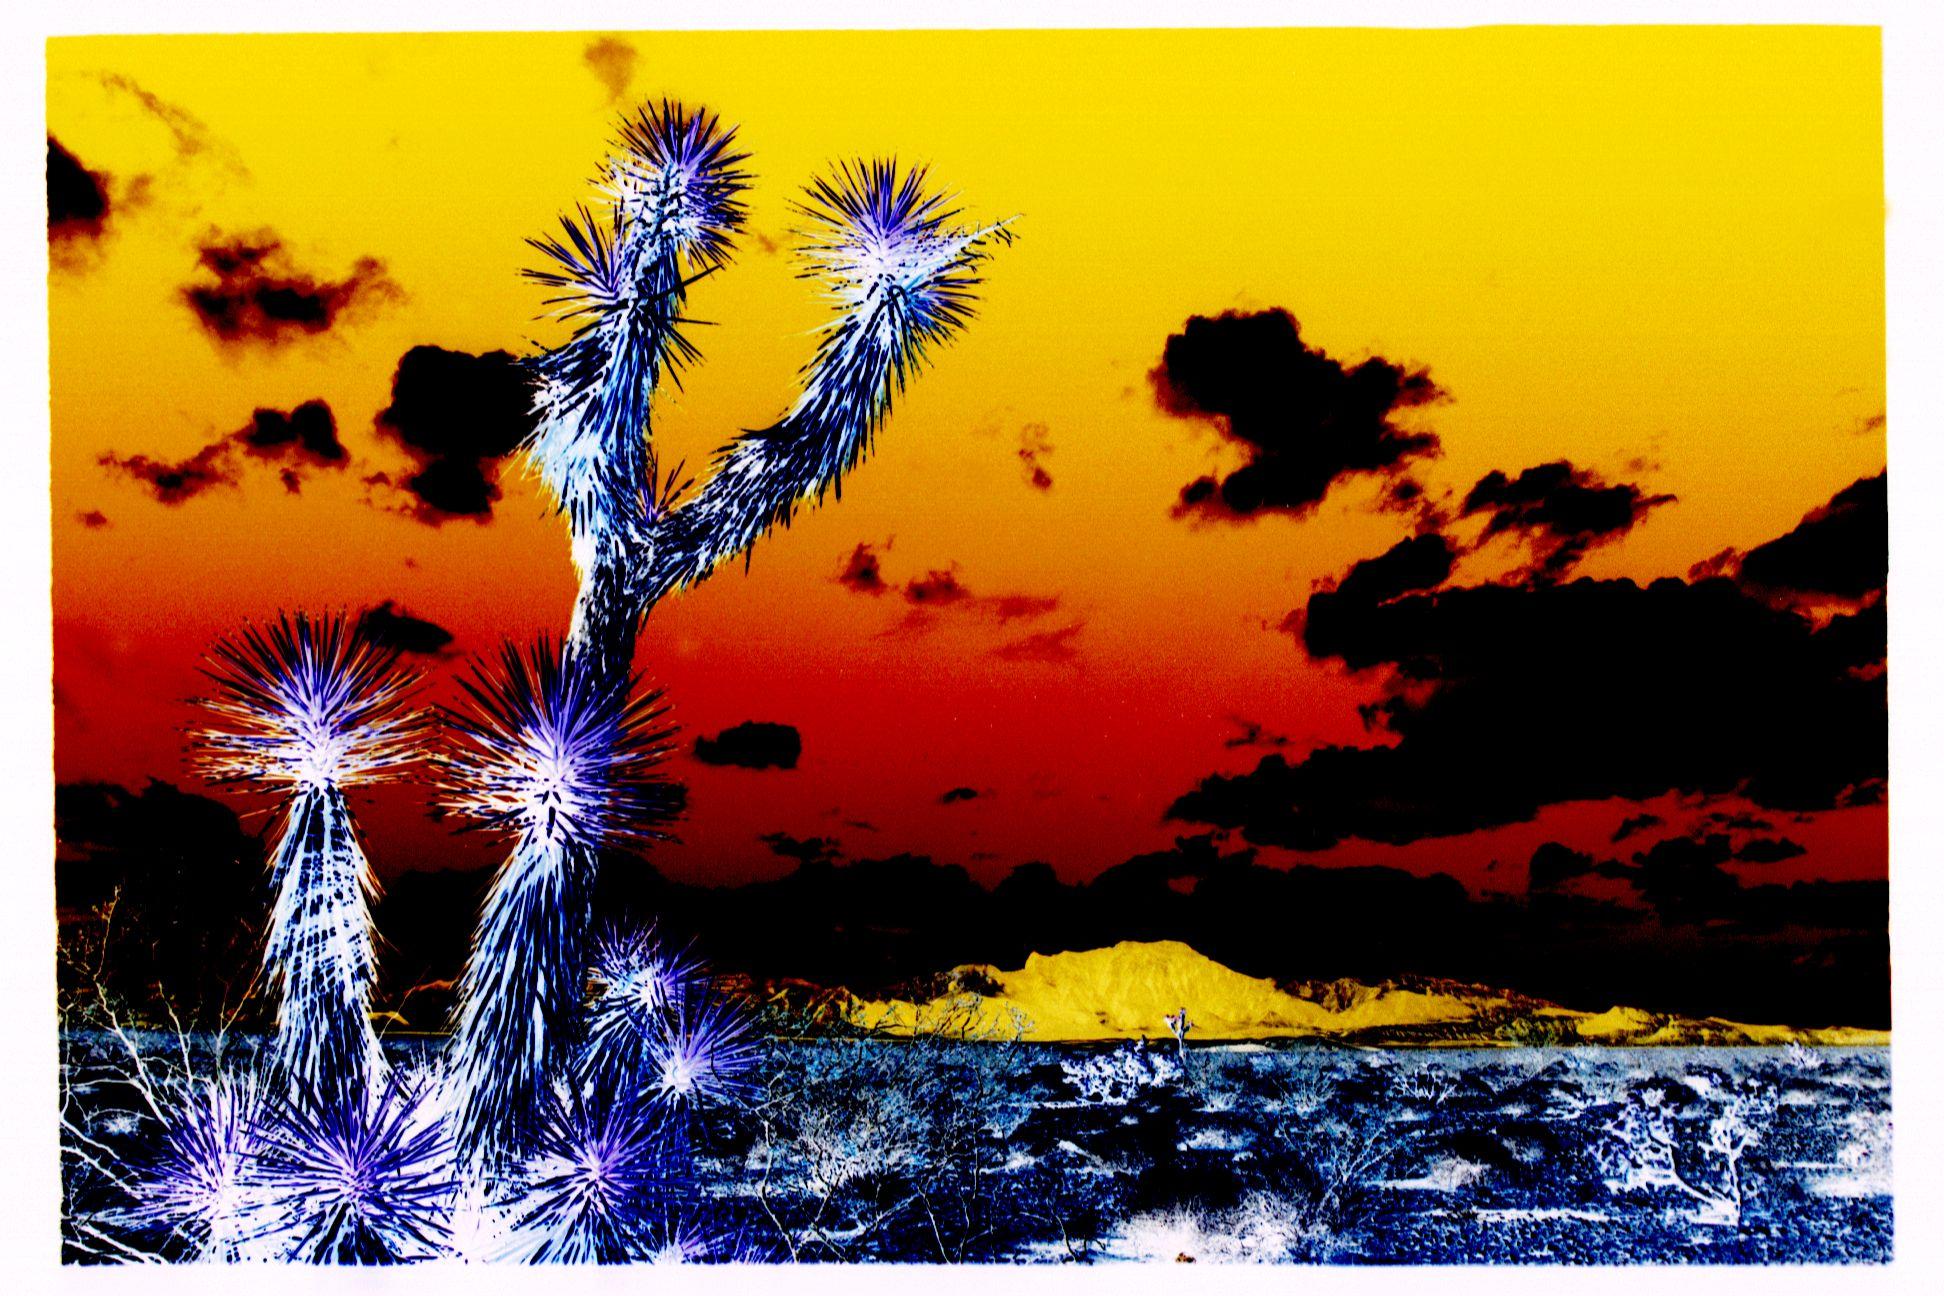 Nuclear cactus